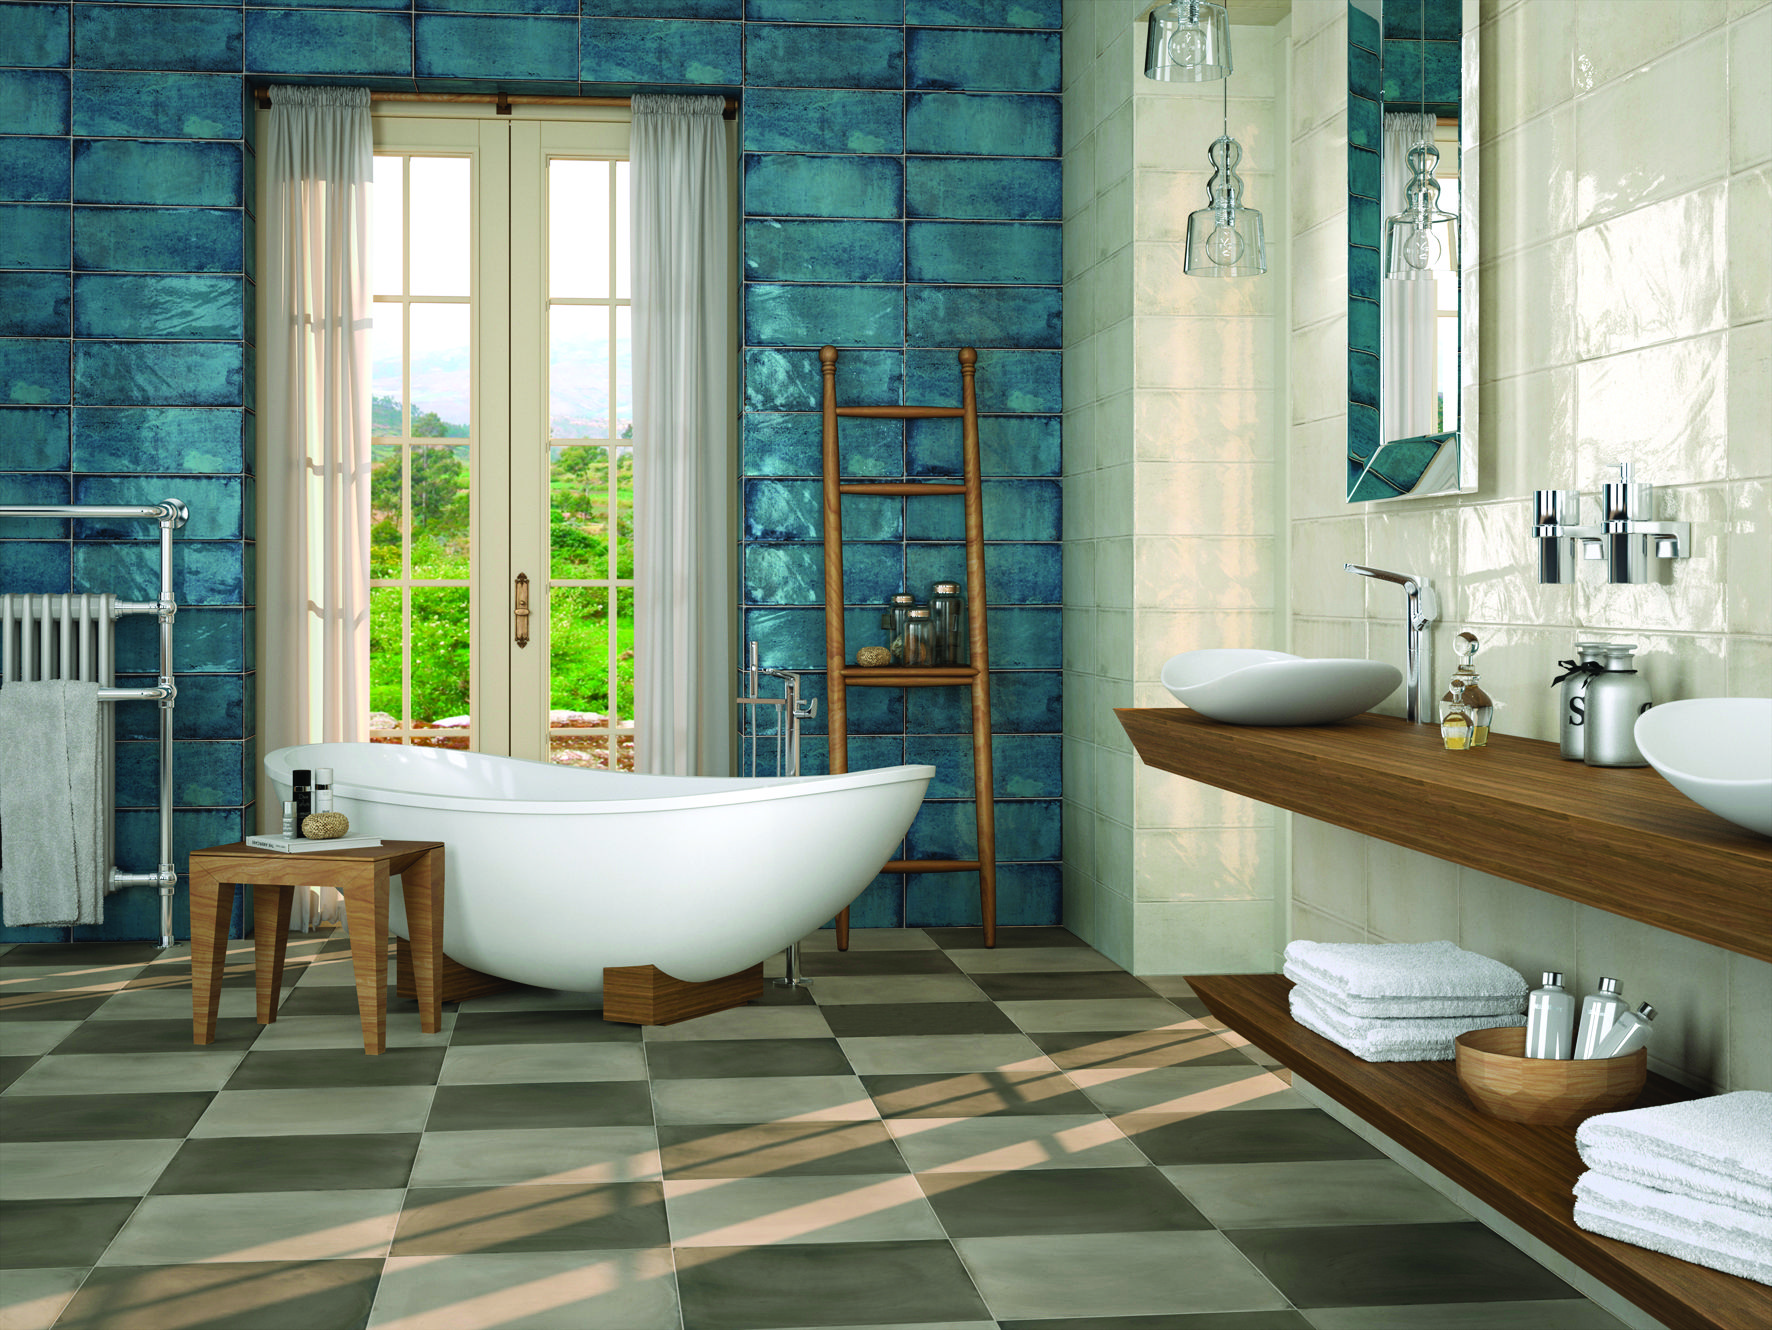 showroom bijzondere badkamers - Google zoeken | Colors | Pinterest